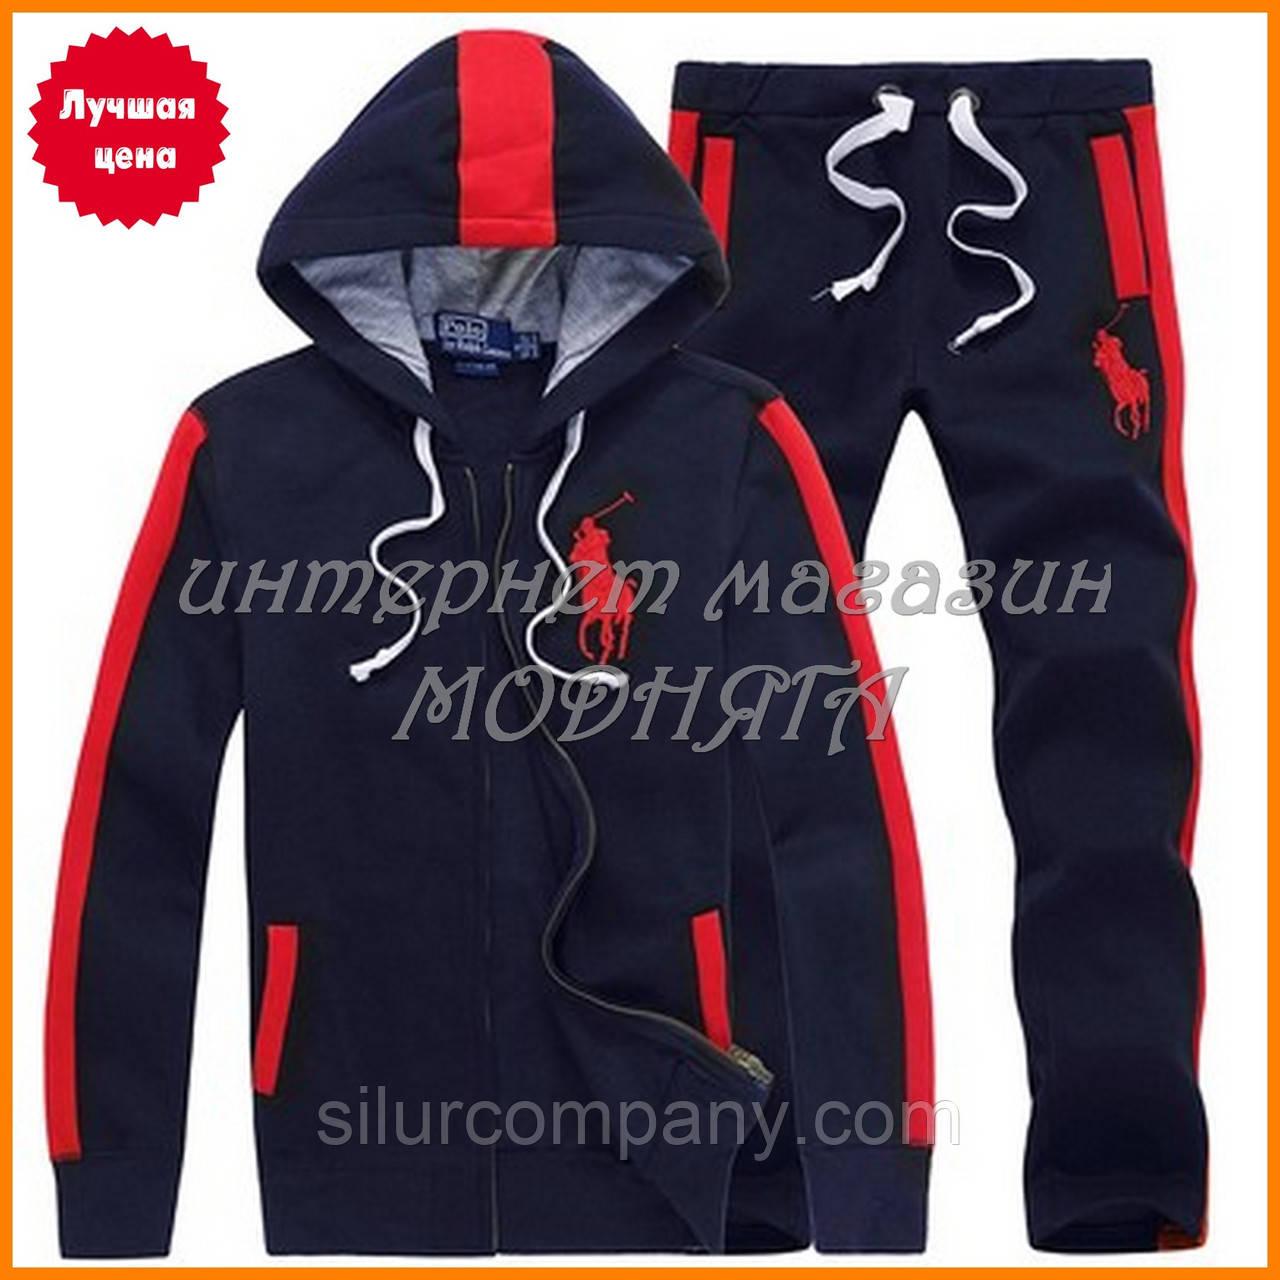 b60a85d0ed03 Детские спортивные костюмы брендовые - Интернет магазин